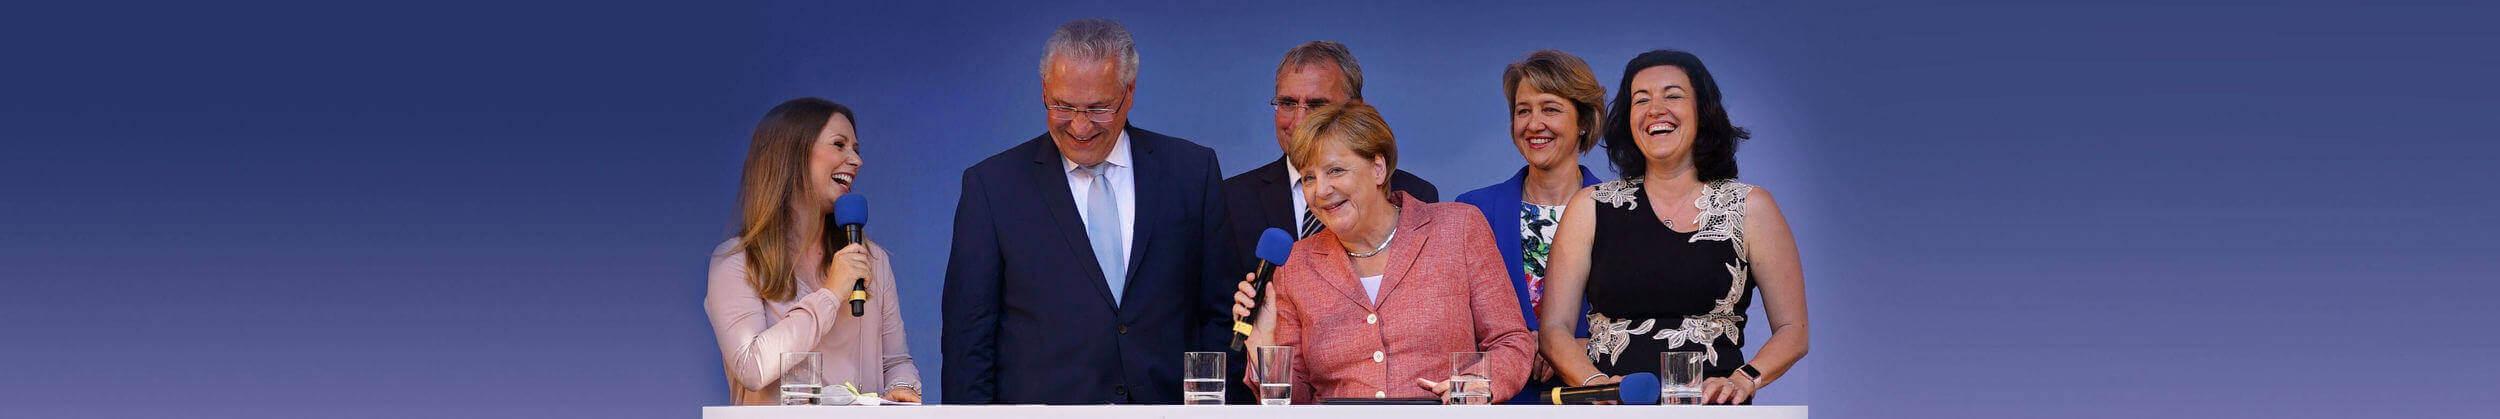 Moderatorin Saskia Naumann bei einem Event mit Angela Merkel